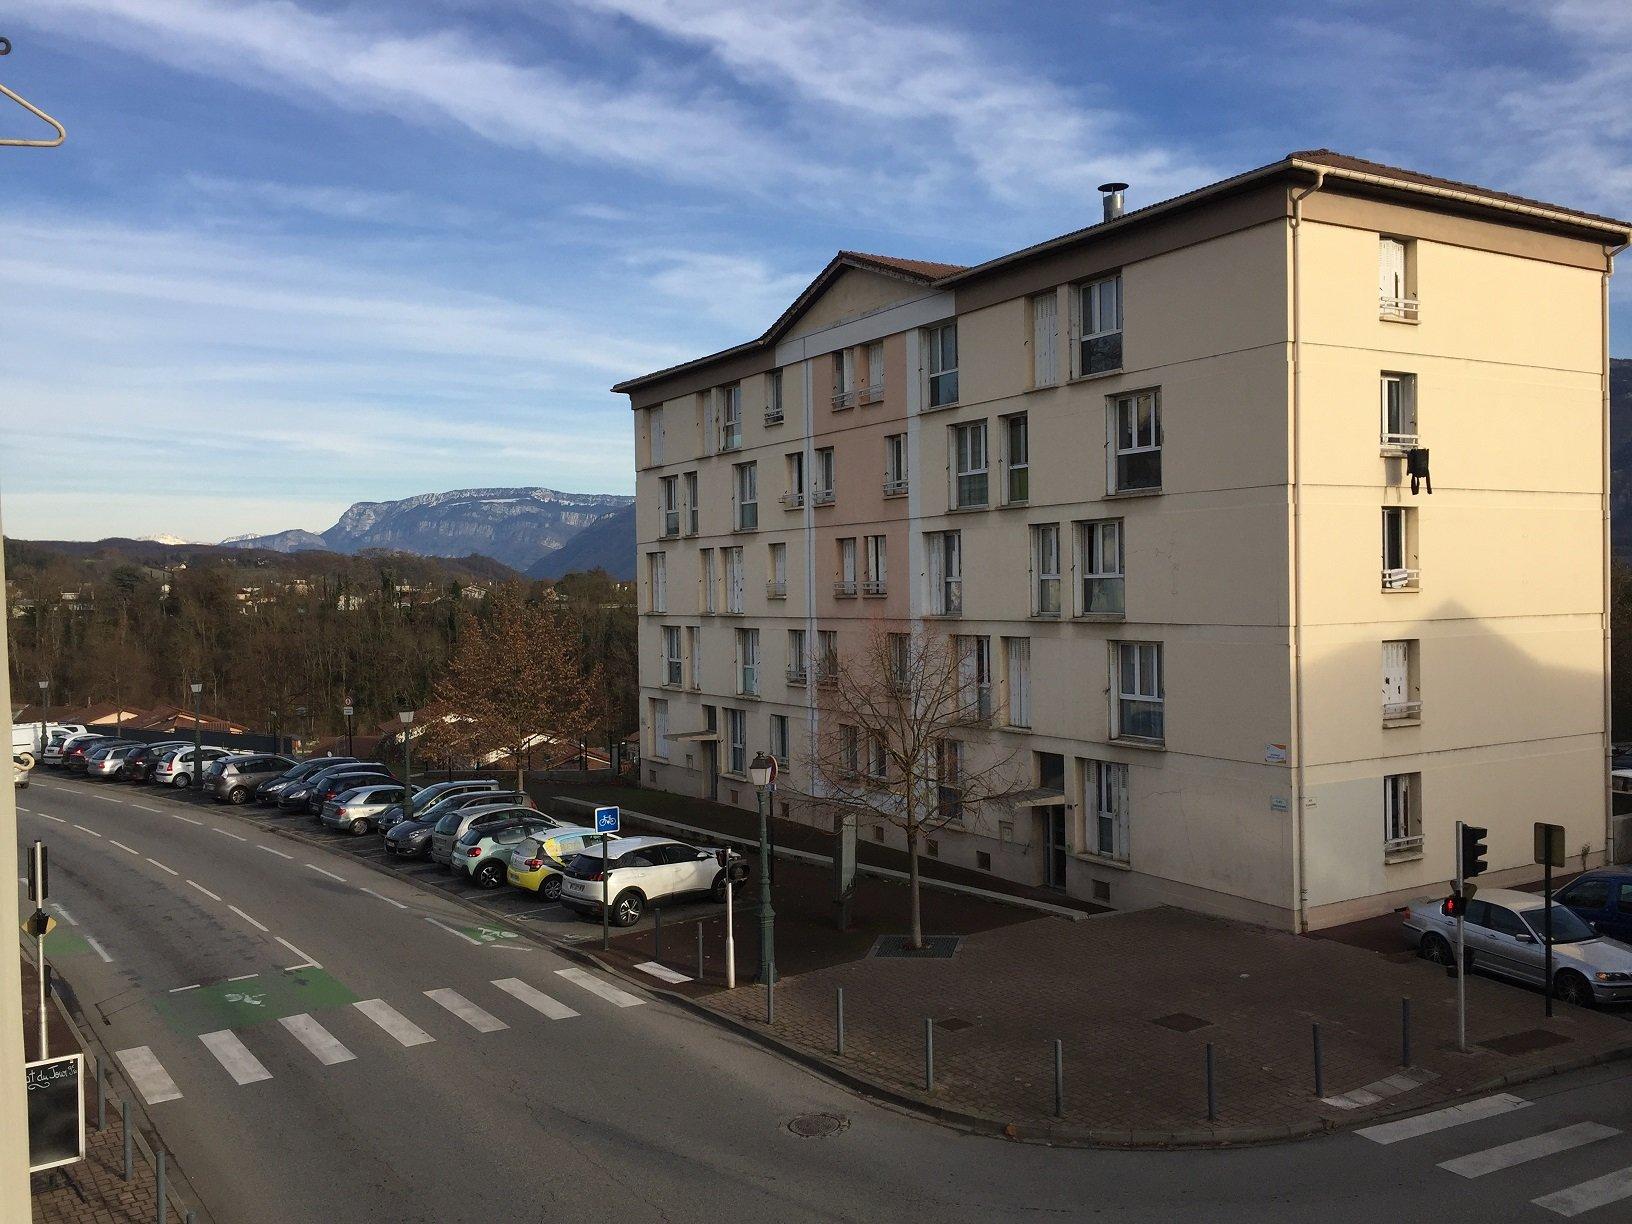 2 piéces de 41m² au centre de Saint-Marcellin (Isère)